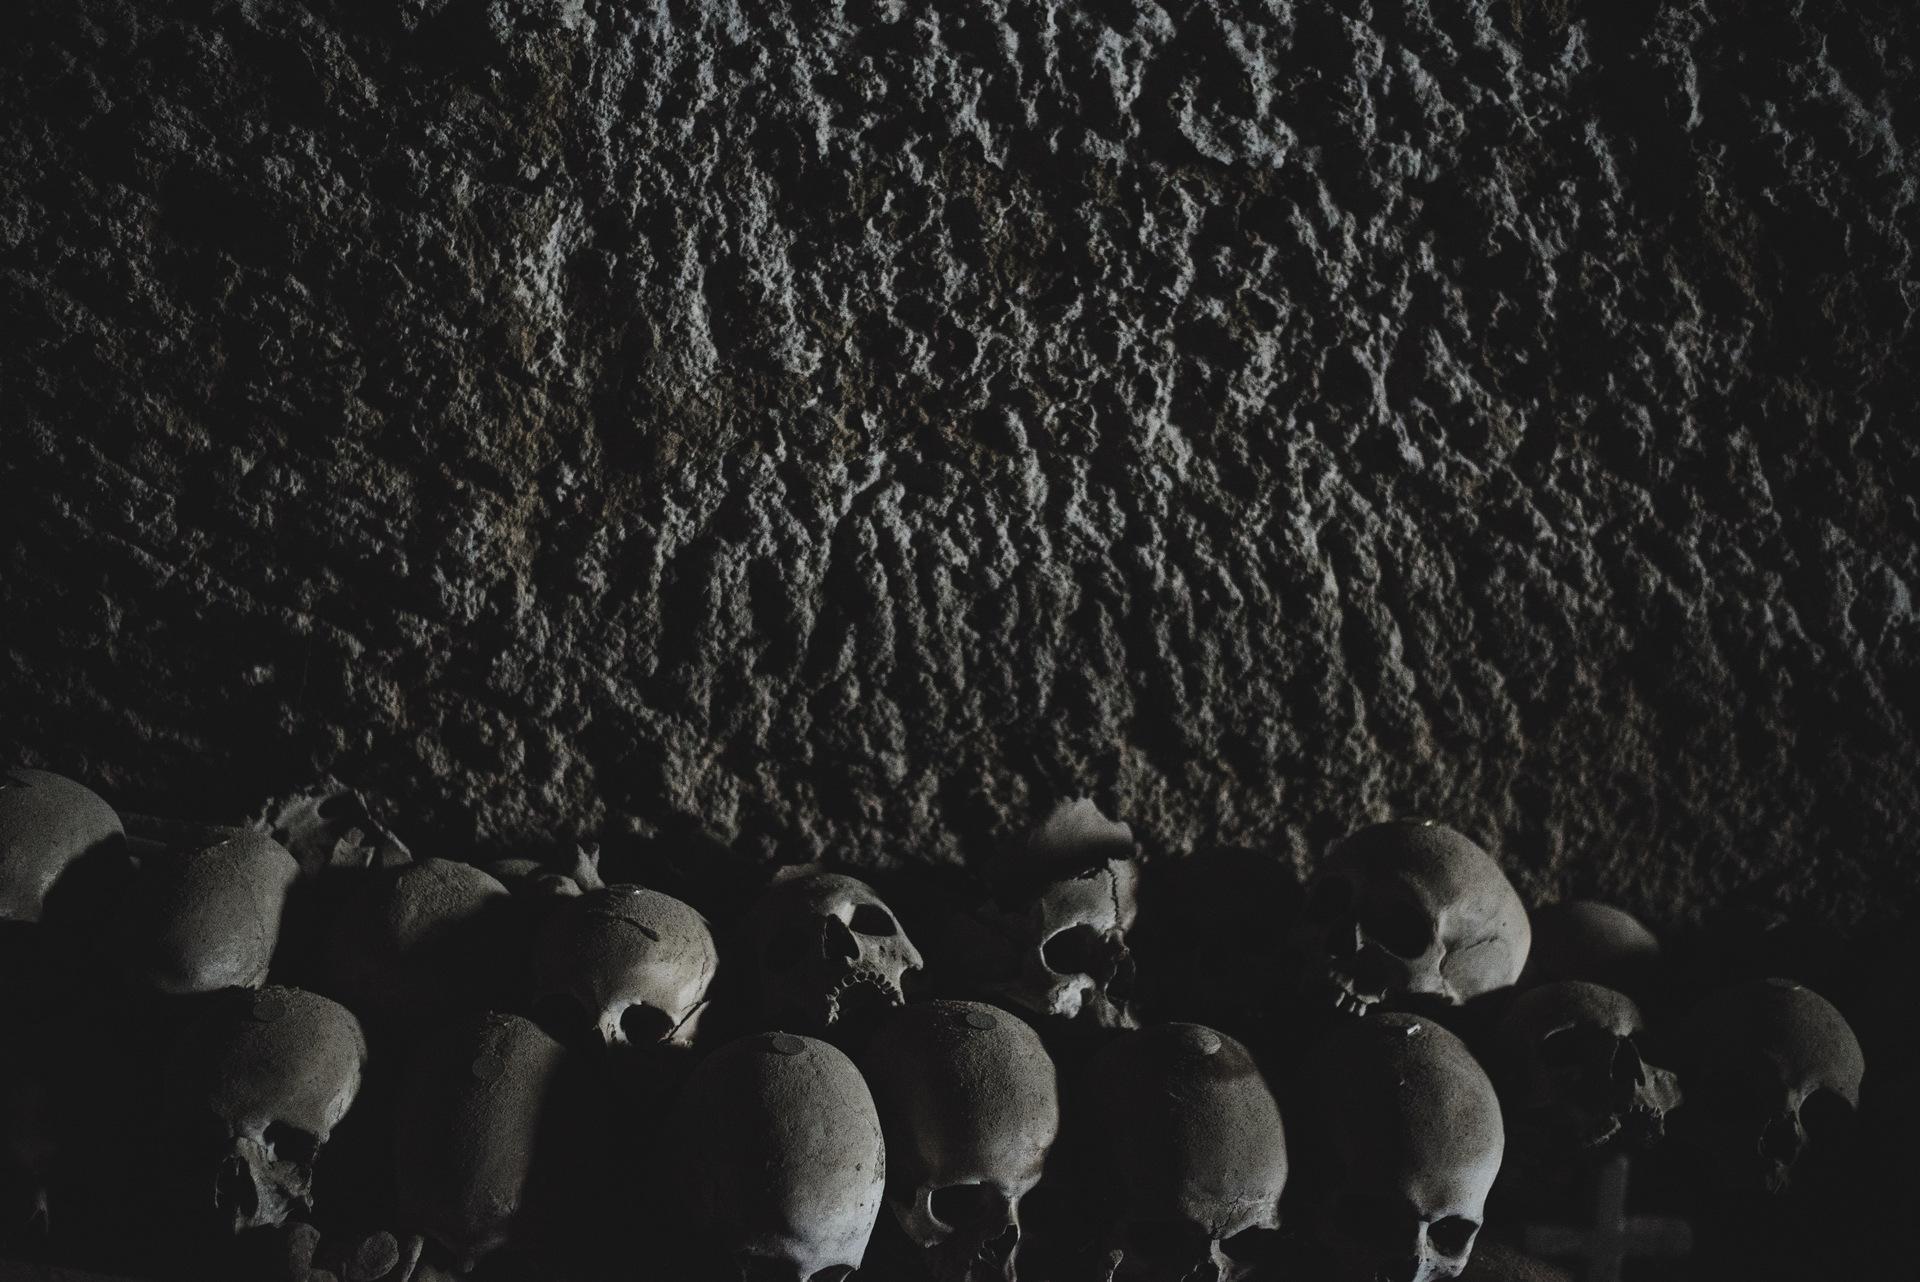 cmentarz czaszek neapol